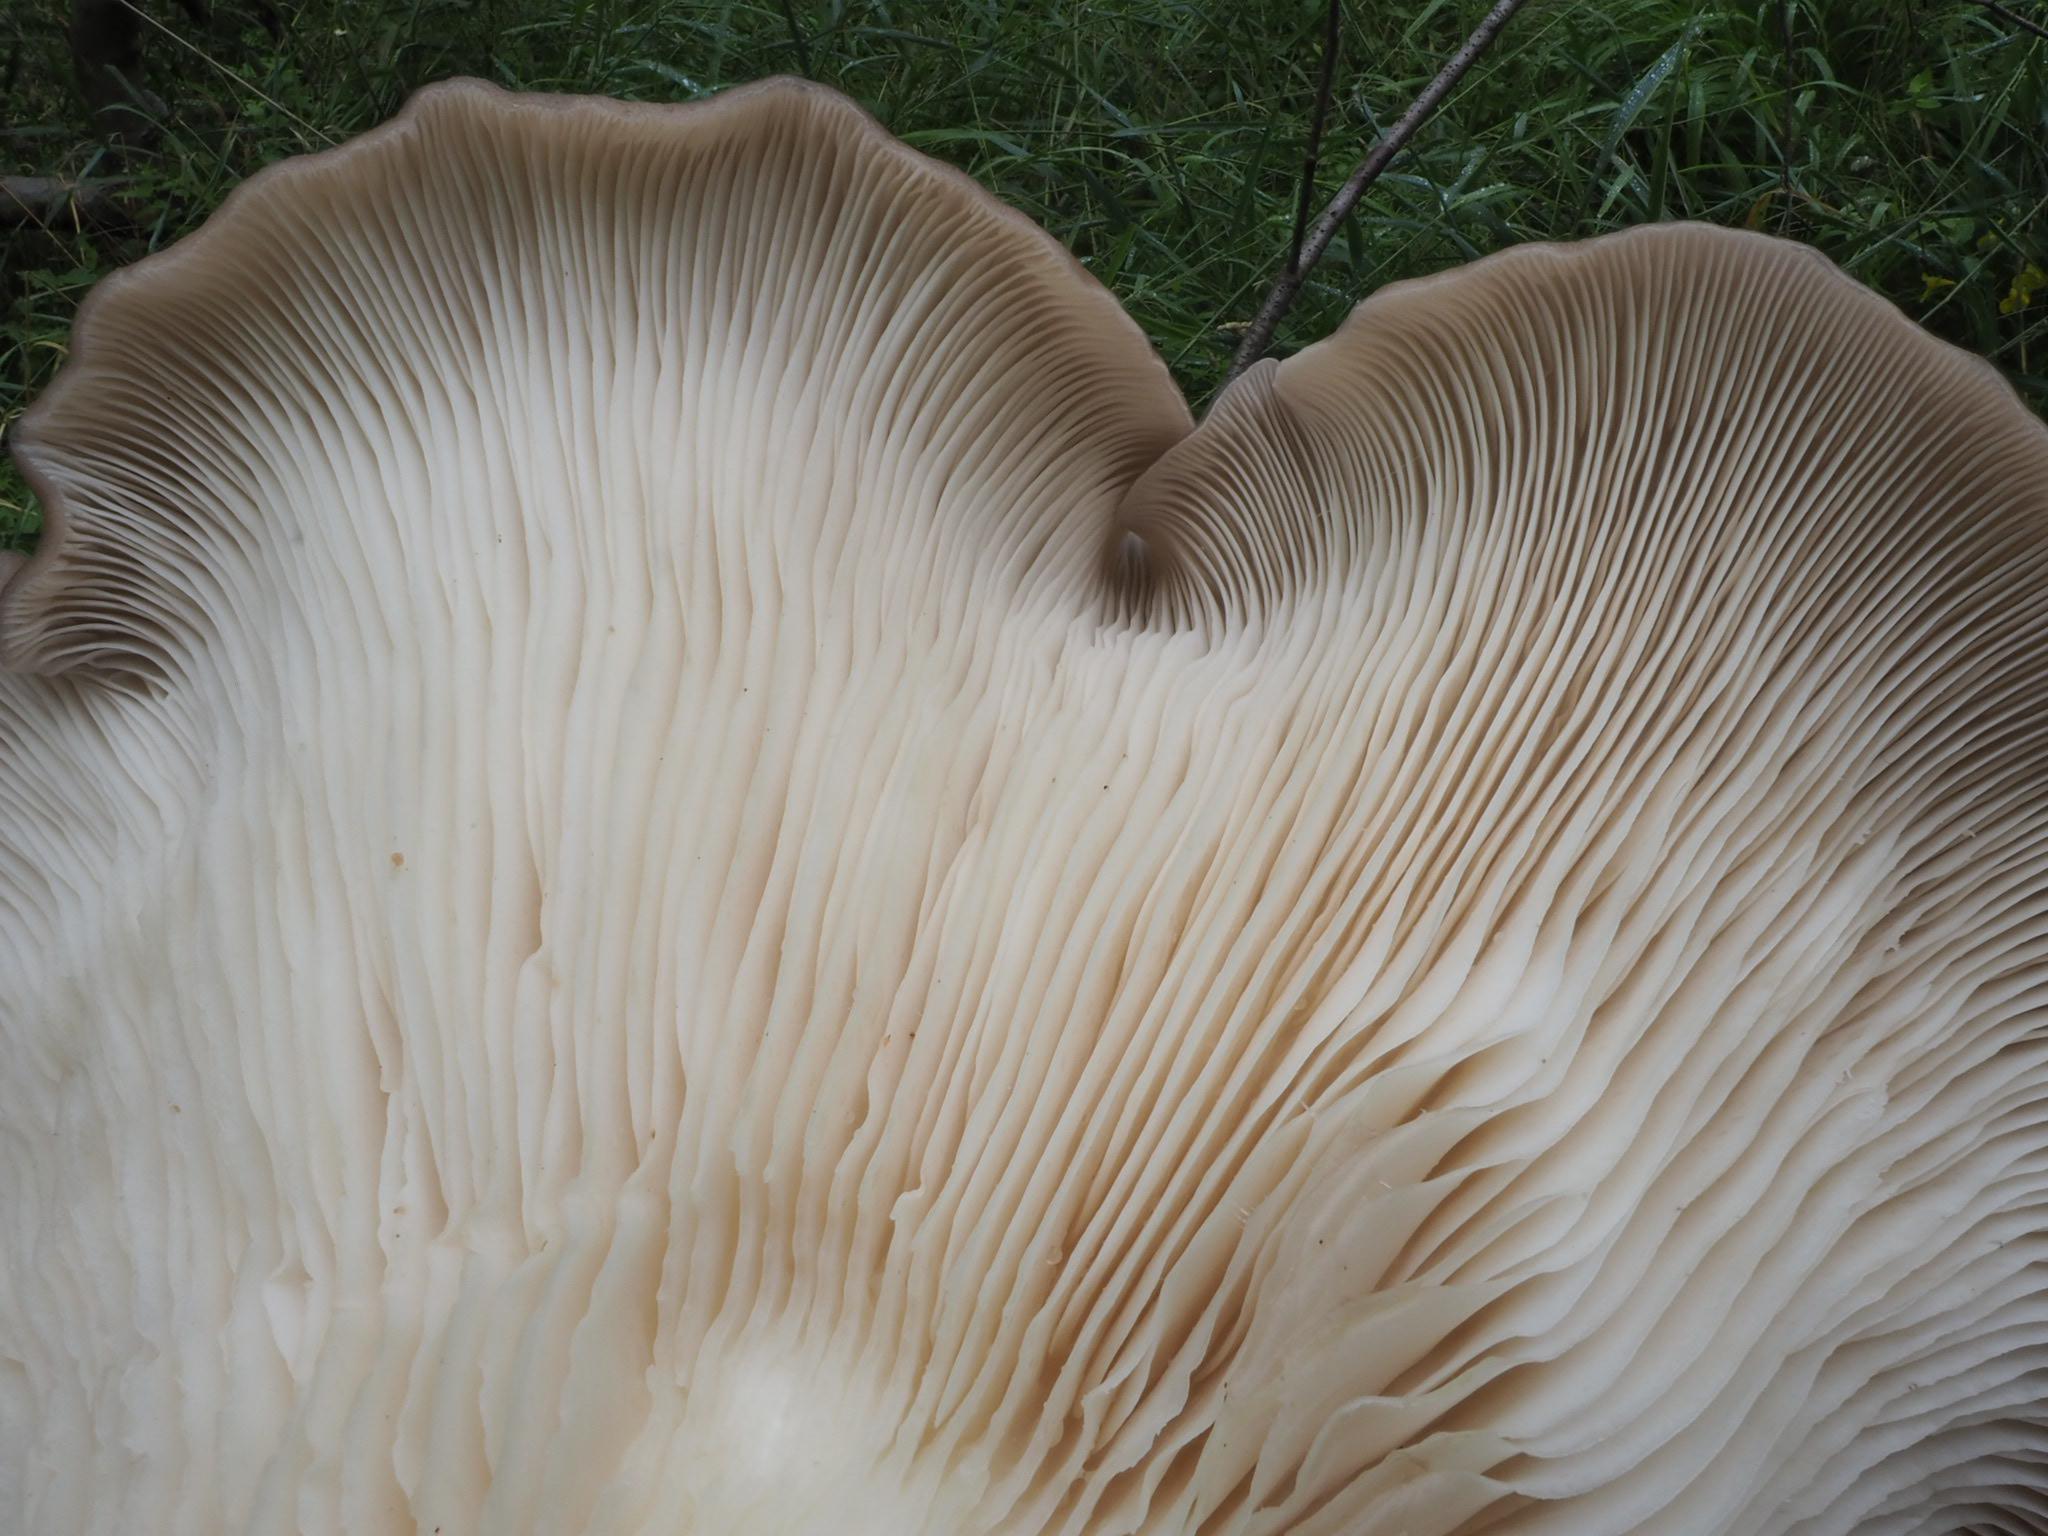 Austern-Seitling (Pleurotus ostreatus) Hutunterseite